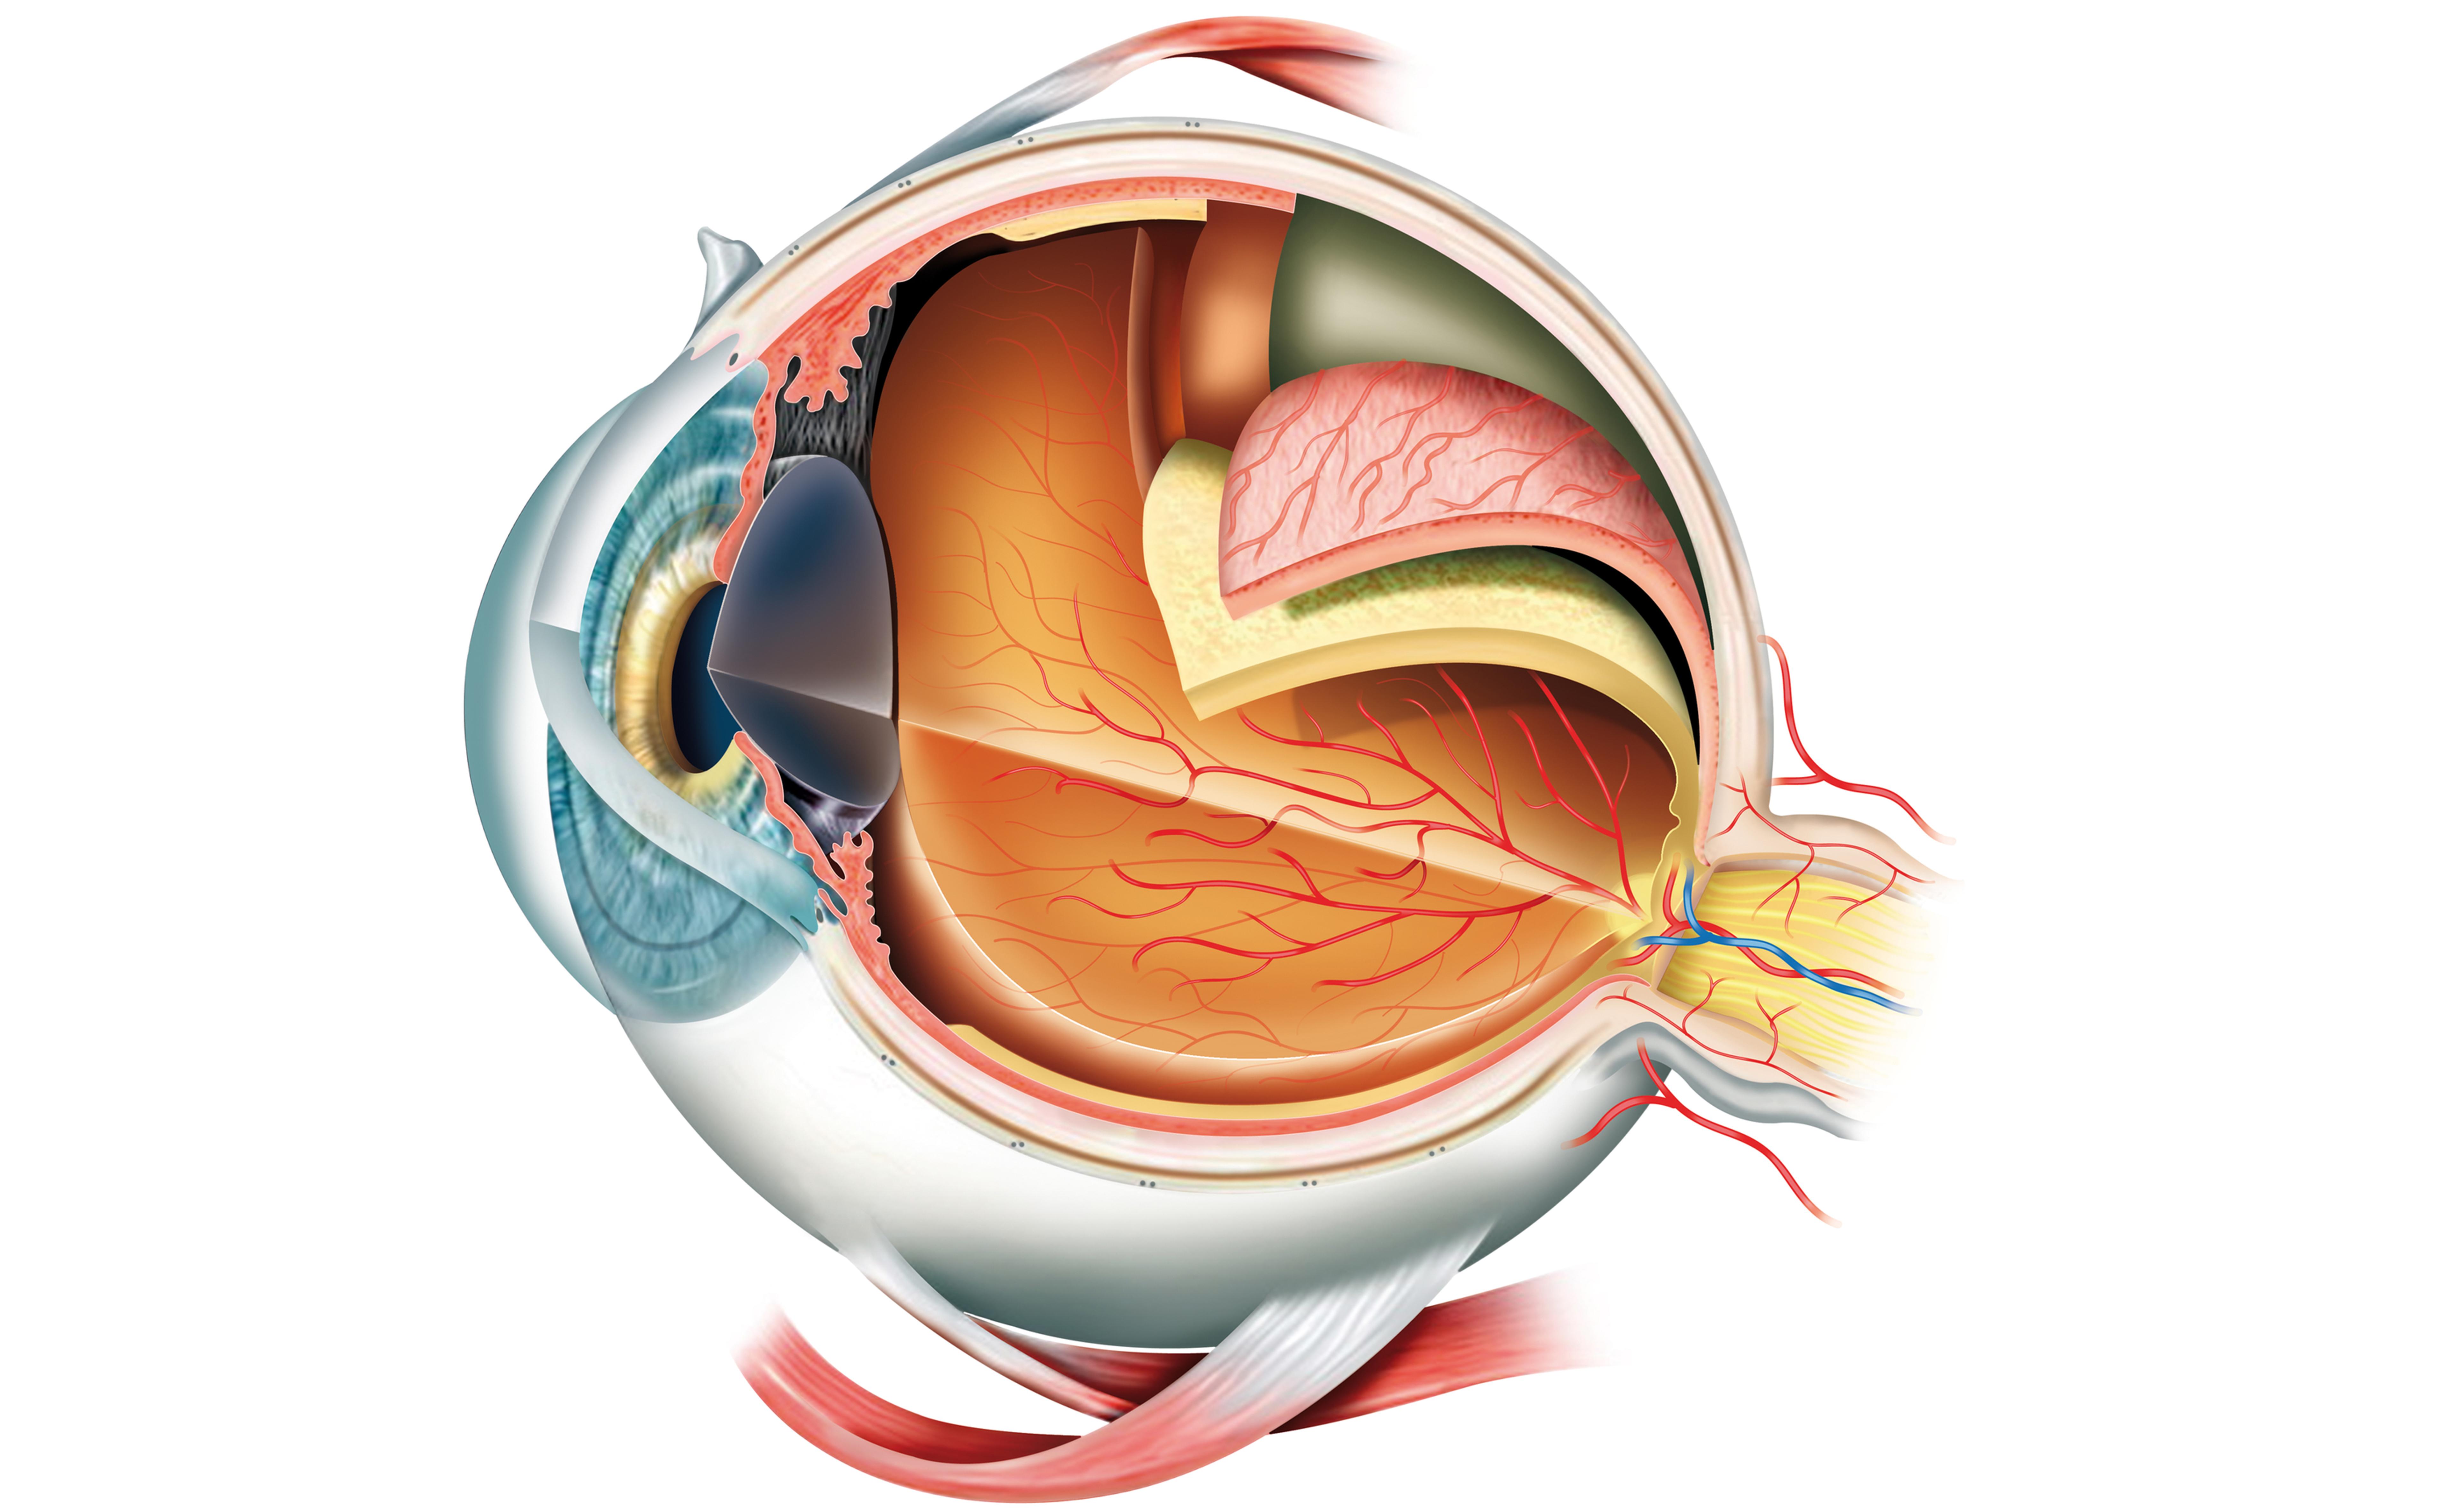 Sembra che il Viagra possa danneggiare la vista in modo permanente